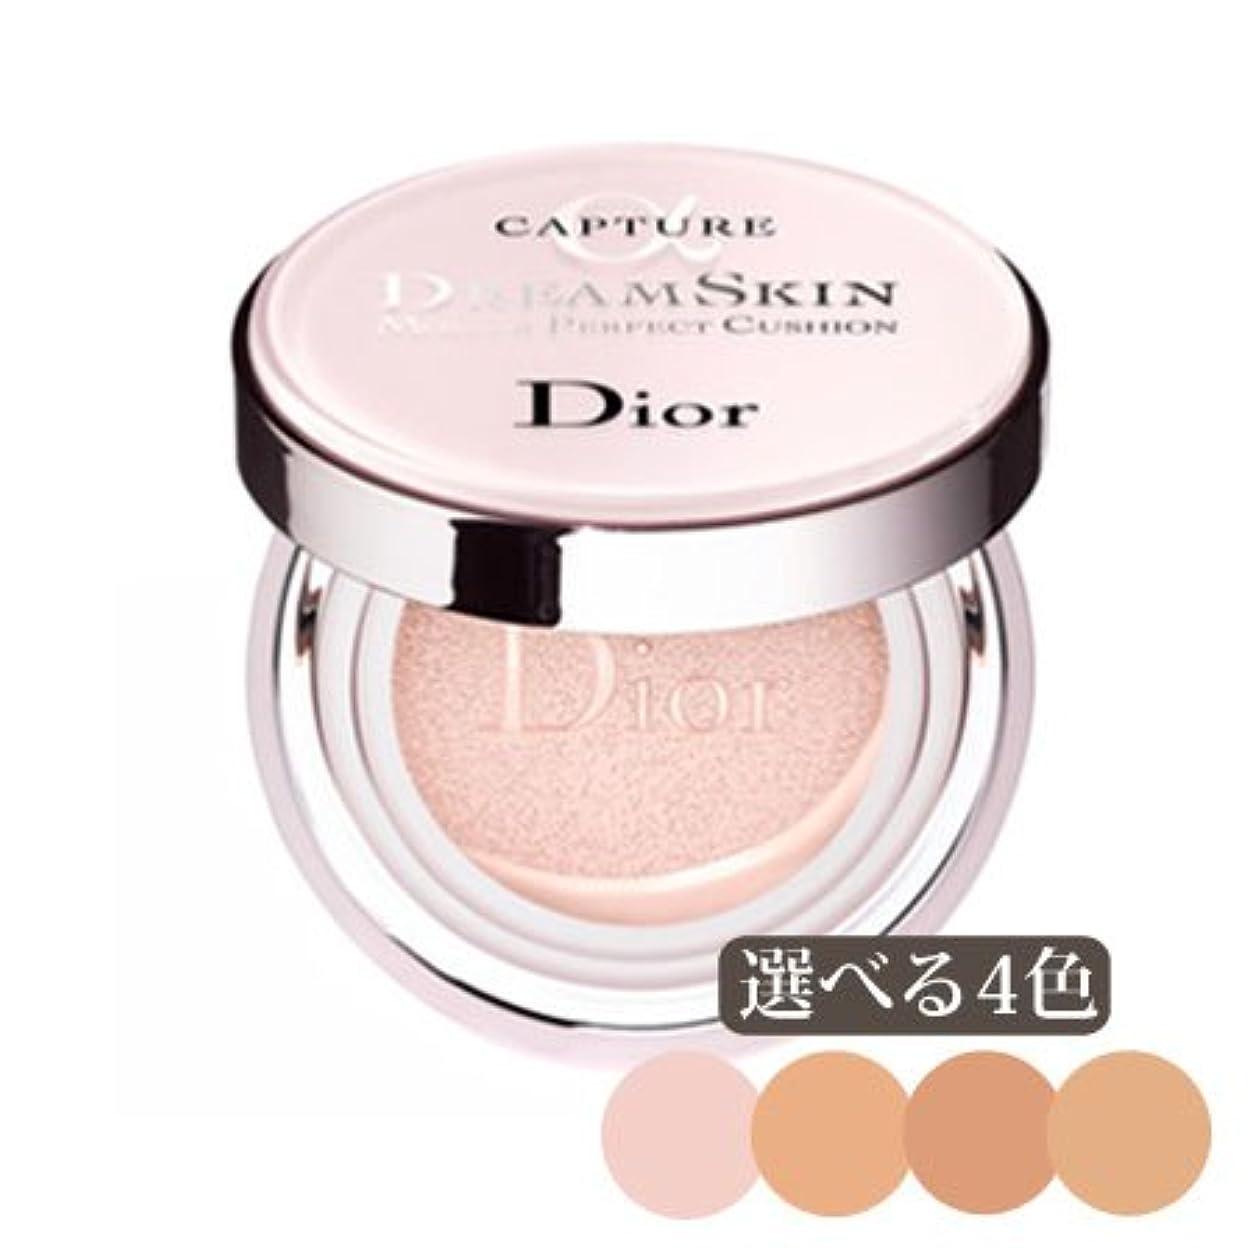 味付けエピソード所属ディオール カプチュール ドリームスキン モイスト クッション 選べる4色 -Dior- 010